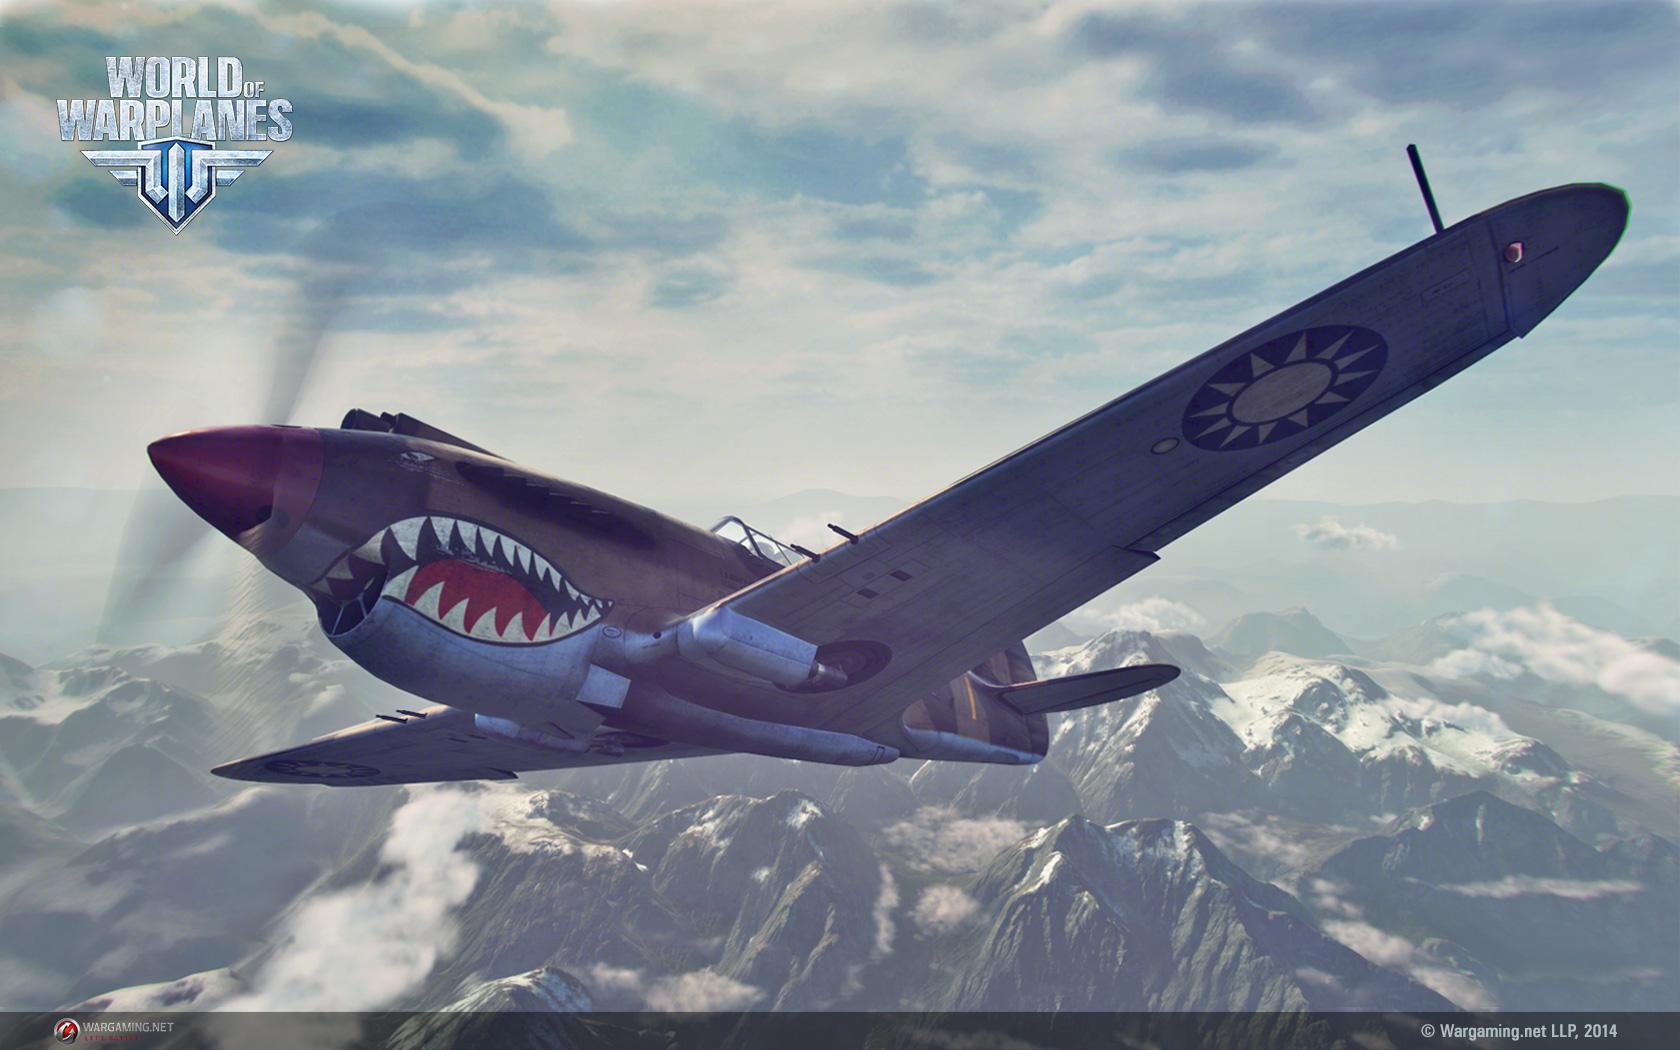 战机世界外服c系5级战斗机tomahawk iib高清壁纸